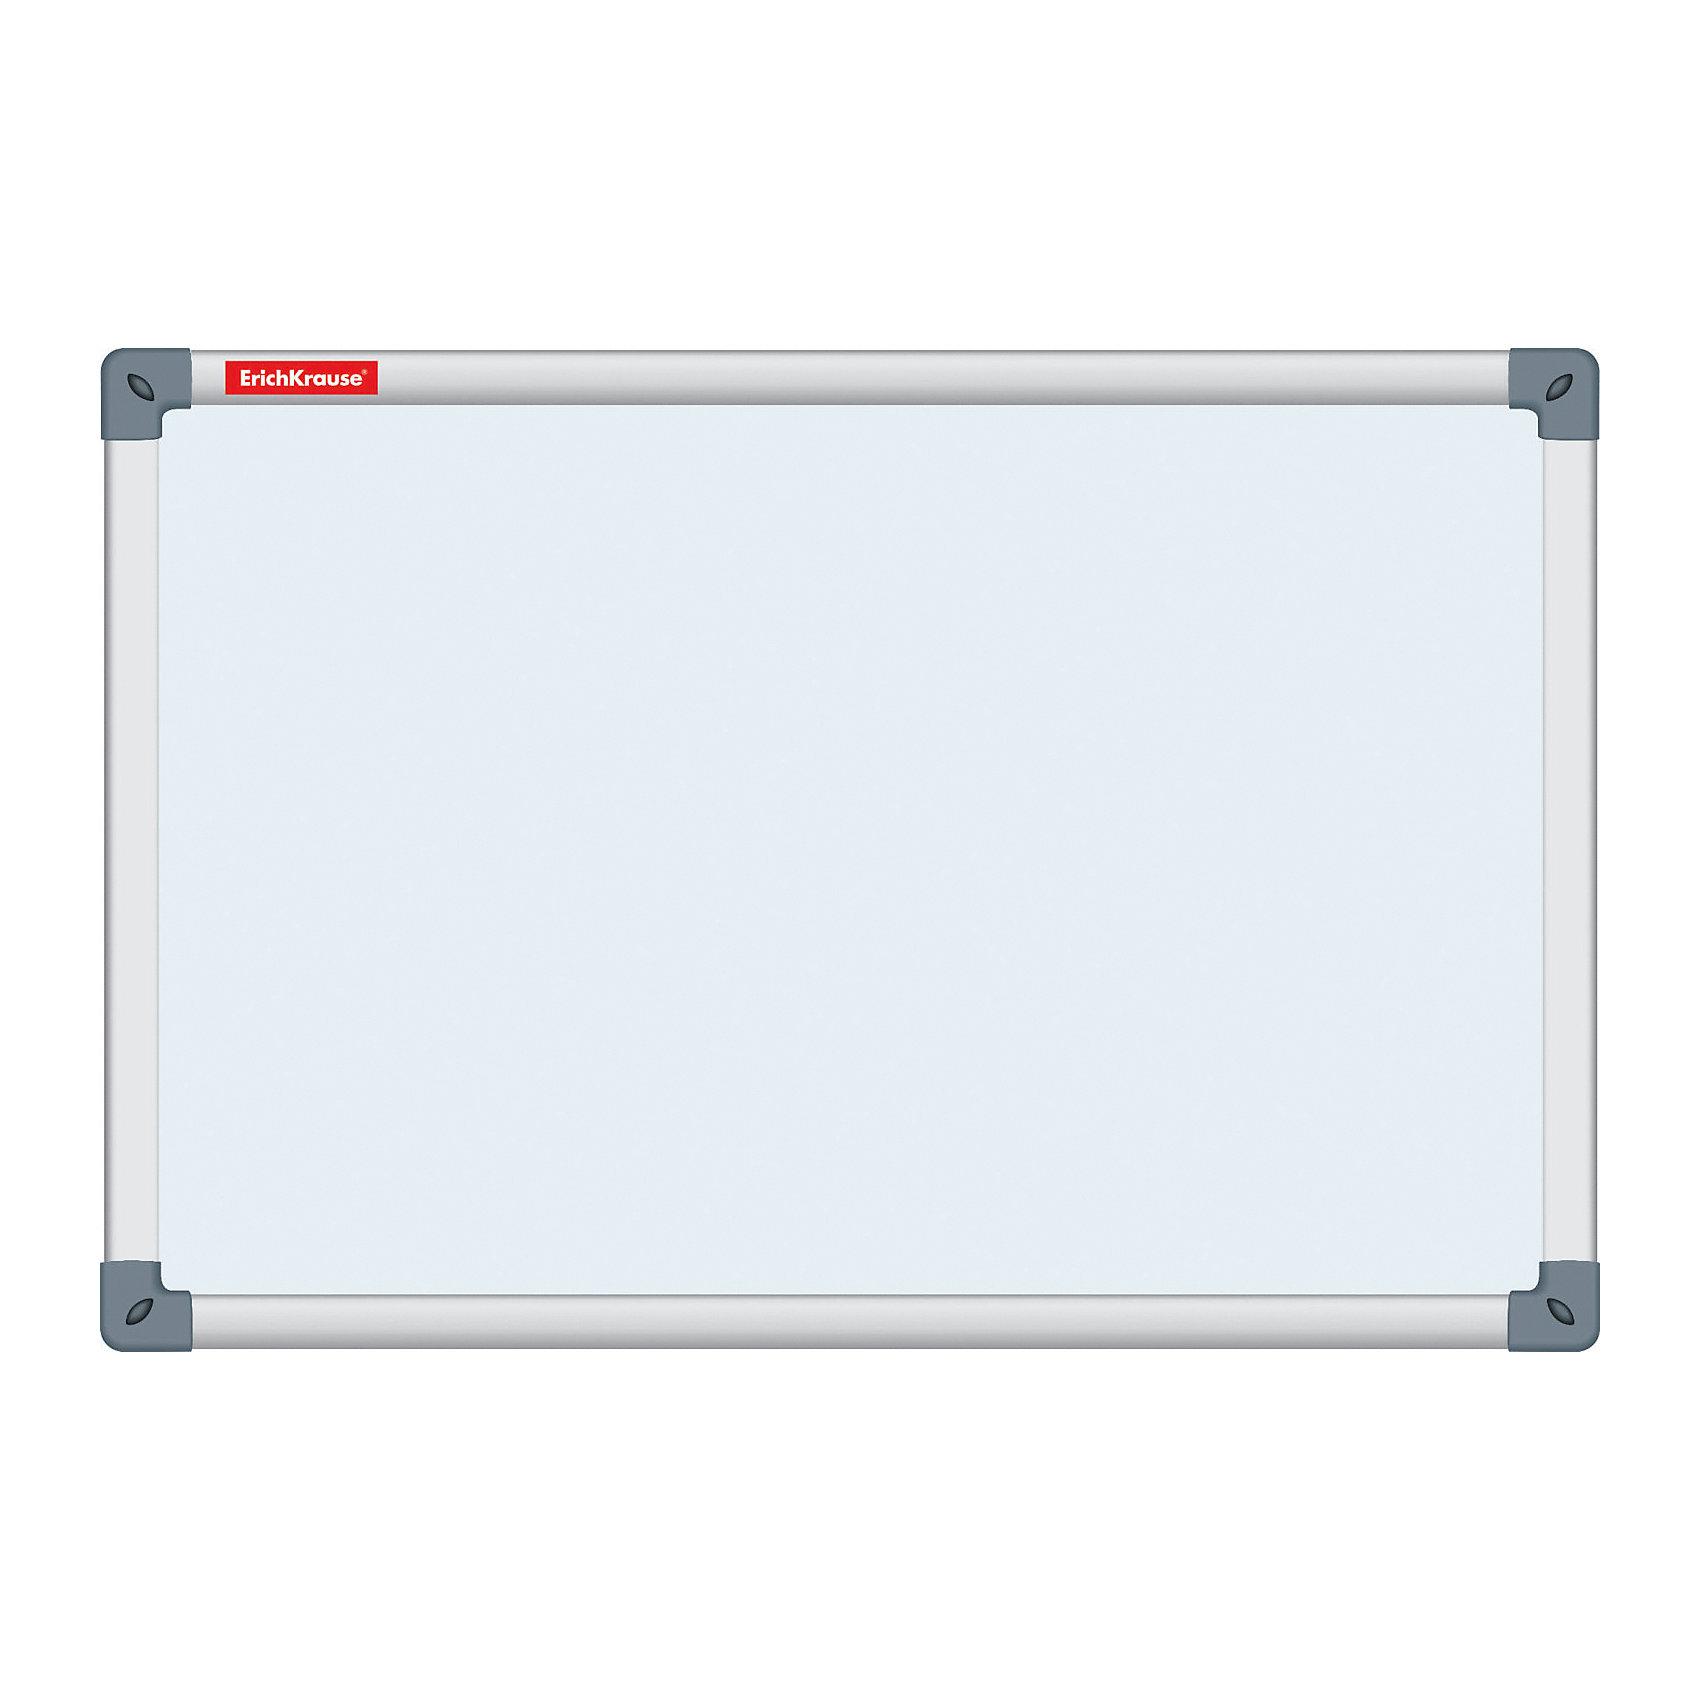 Erich Krause Магнитно-маркерная доска 45х60см с лаковым покрытиемДоски<br>Доска с лаковой поверхностью для записей маркером и возможностью сухого стирания. Алюминиевая<br>рамка.Возможность закрепления информационных материалов с помощью магнитов.<br><br>Ширина мм: 600<br>Глубина мм: 450<br>Высота мм: 40<br>Вес г: 1350<br>Возраст от месяцев: 144<br>Возраст до месяцев: 2147483647<br>Пол: Унисекс<br>Возраст: Детский<br>SKU: 6878933